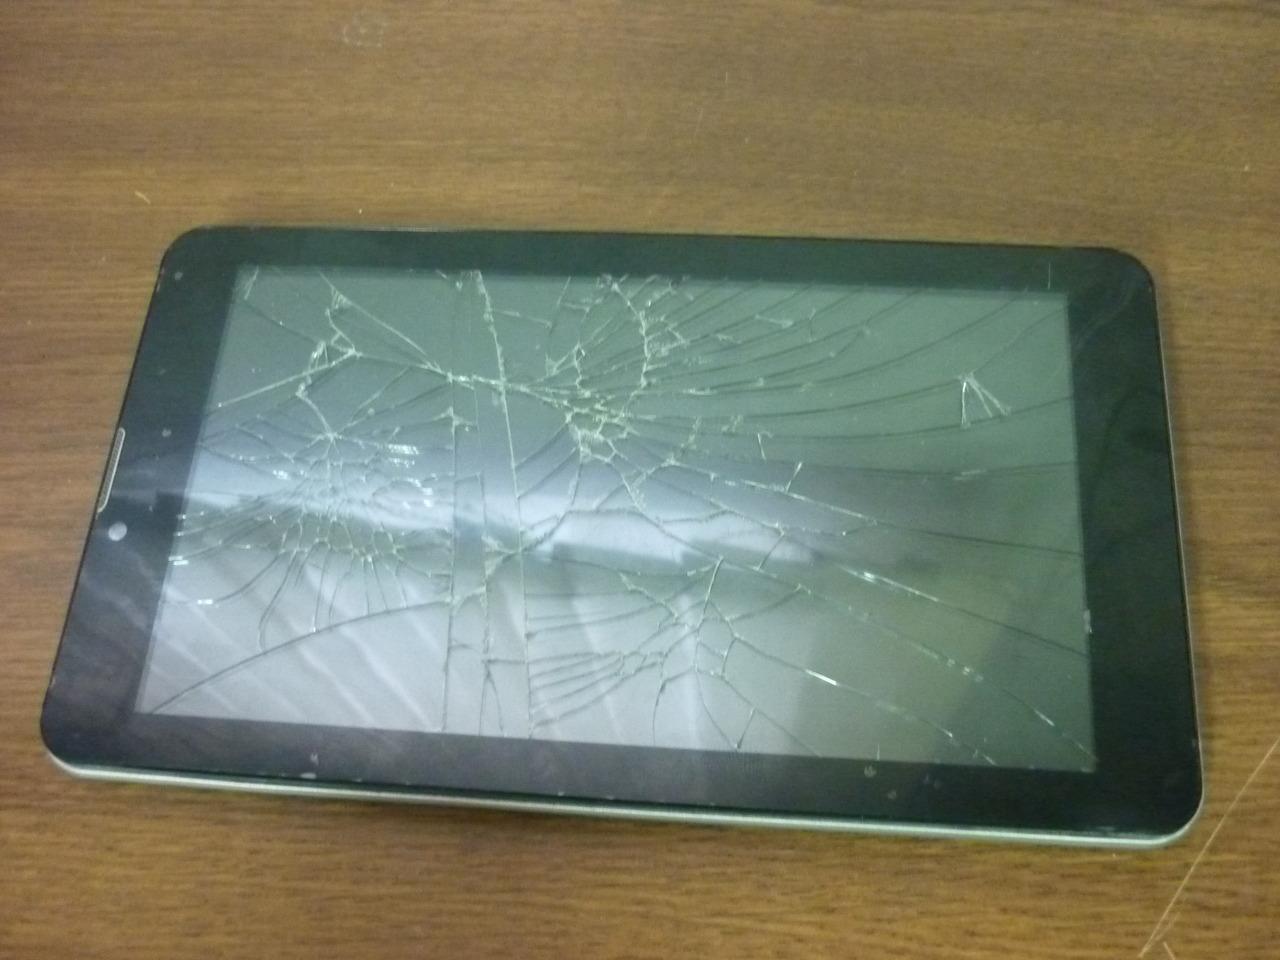 Картинки планшета разбитого